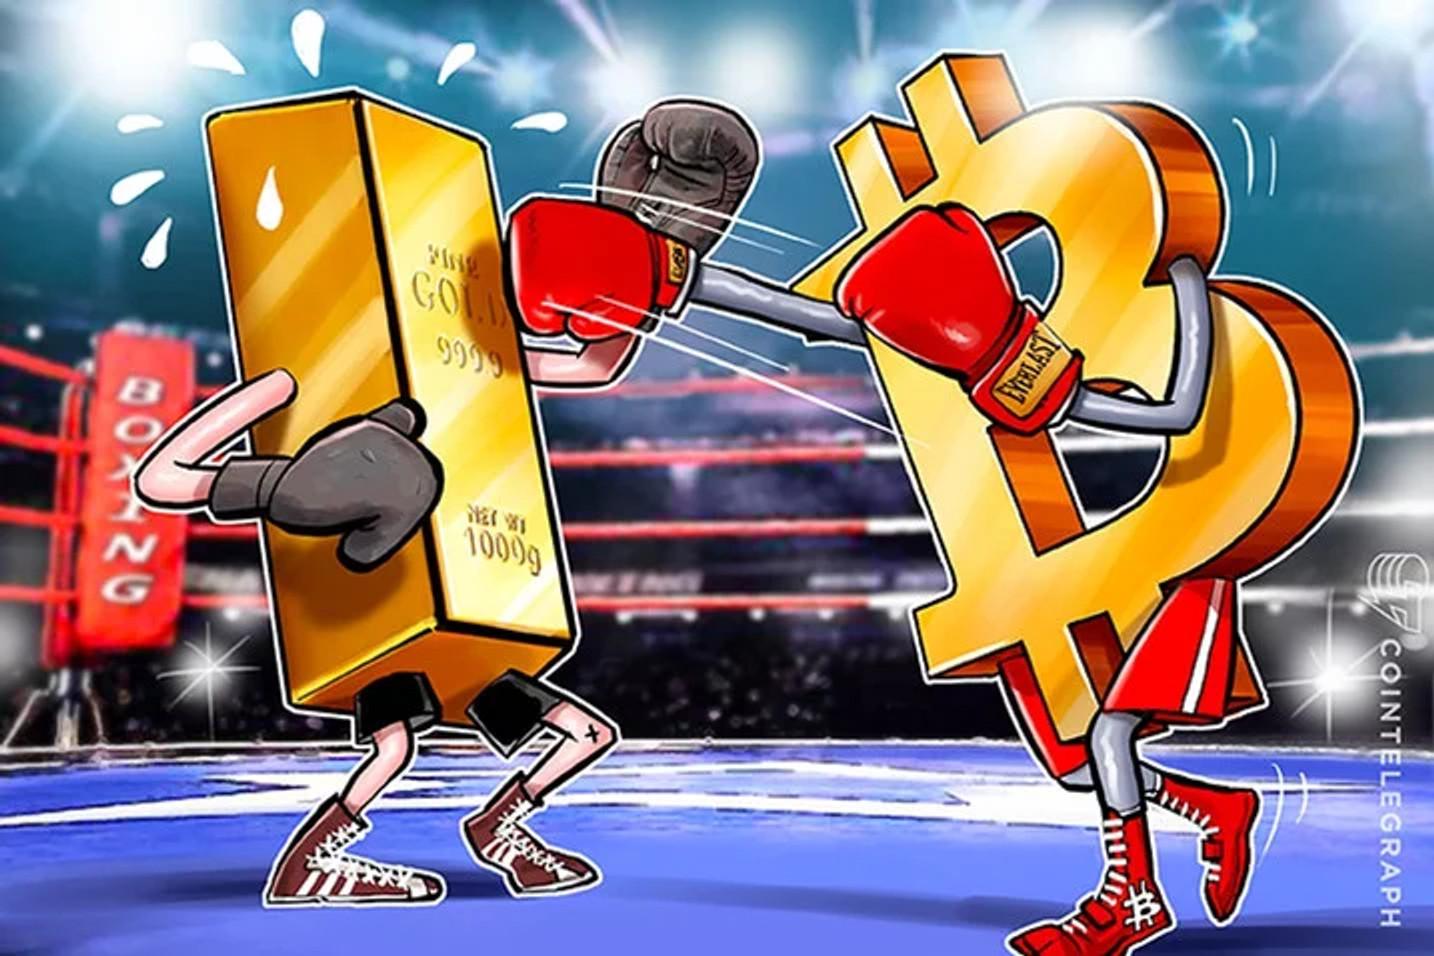 Anthony Pompliano ubica a Bitcoin con un rendimiento superior sobre otros activos para los próximos 2 años